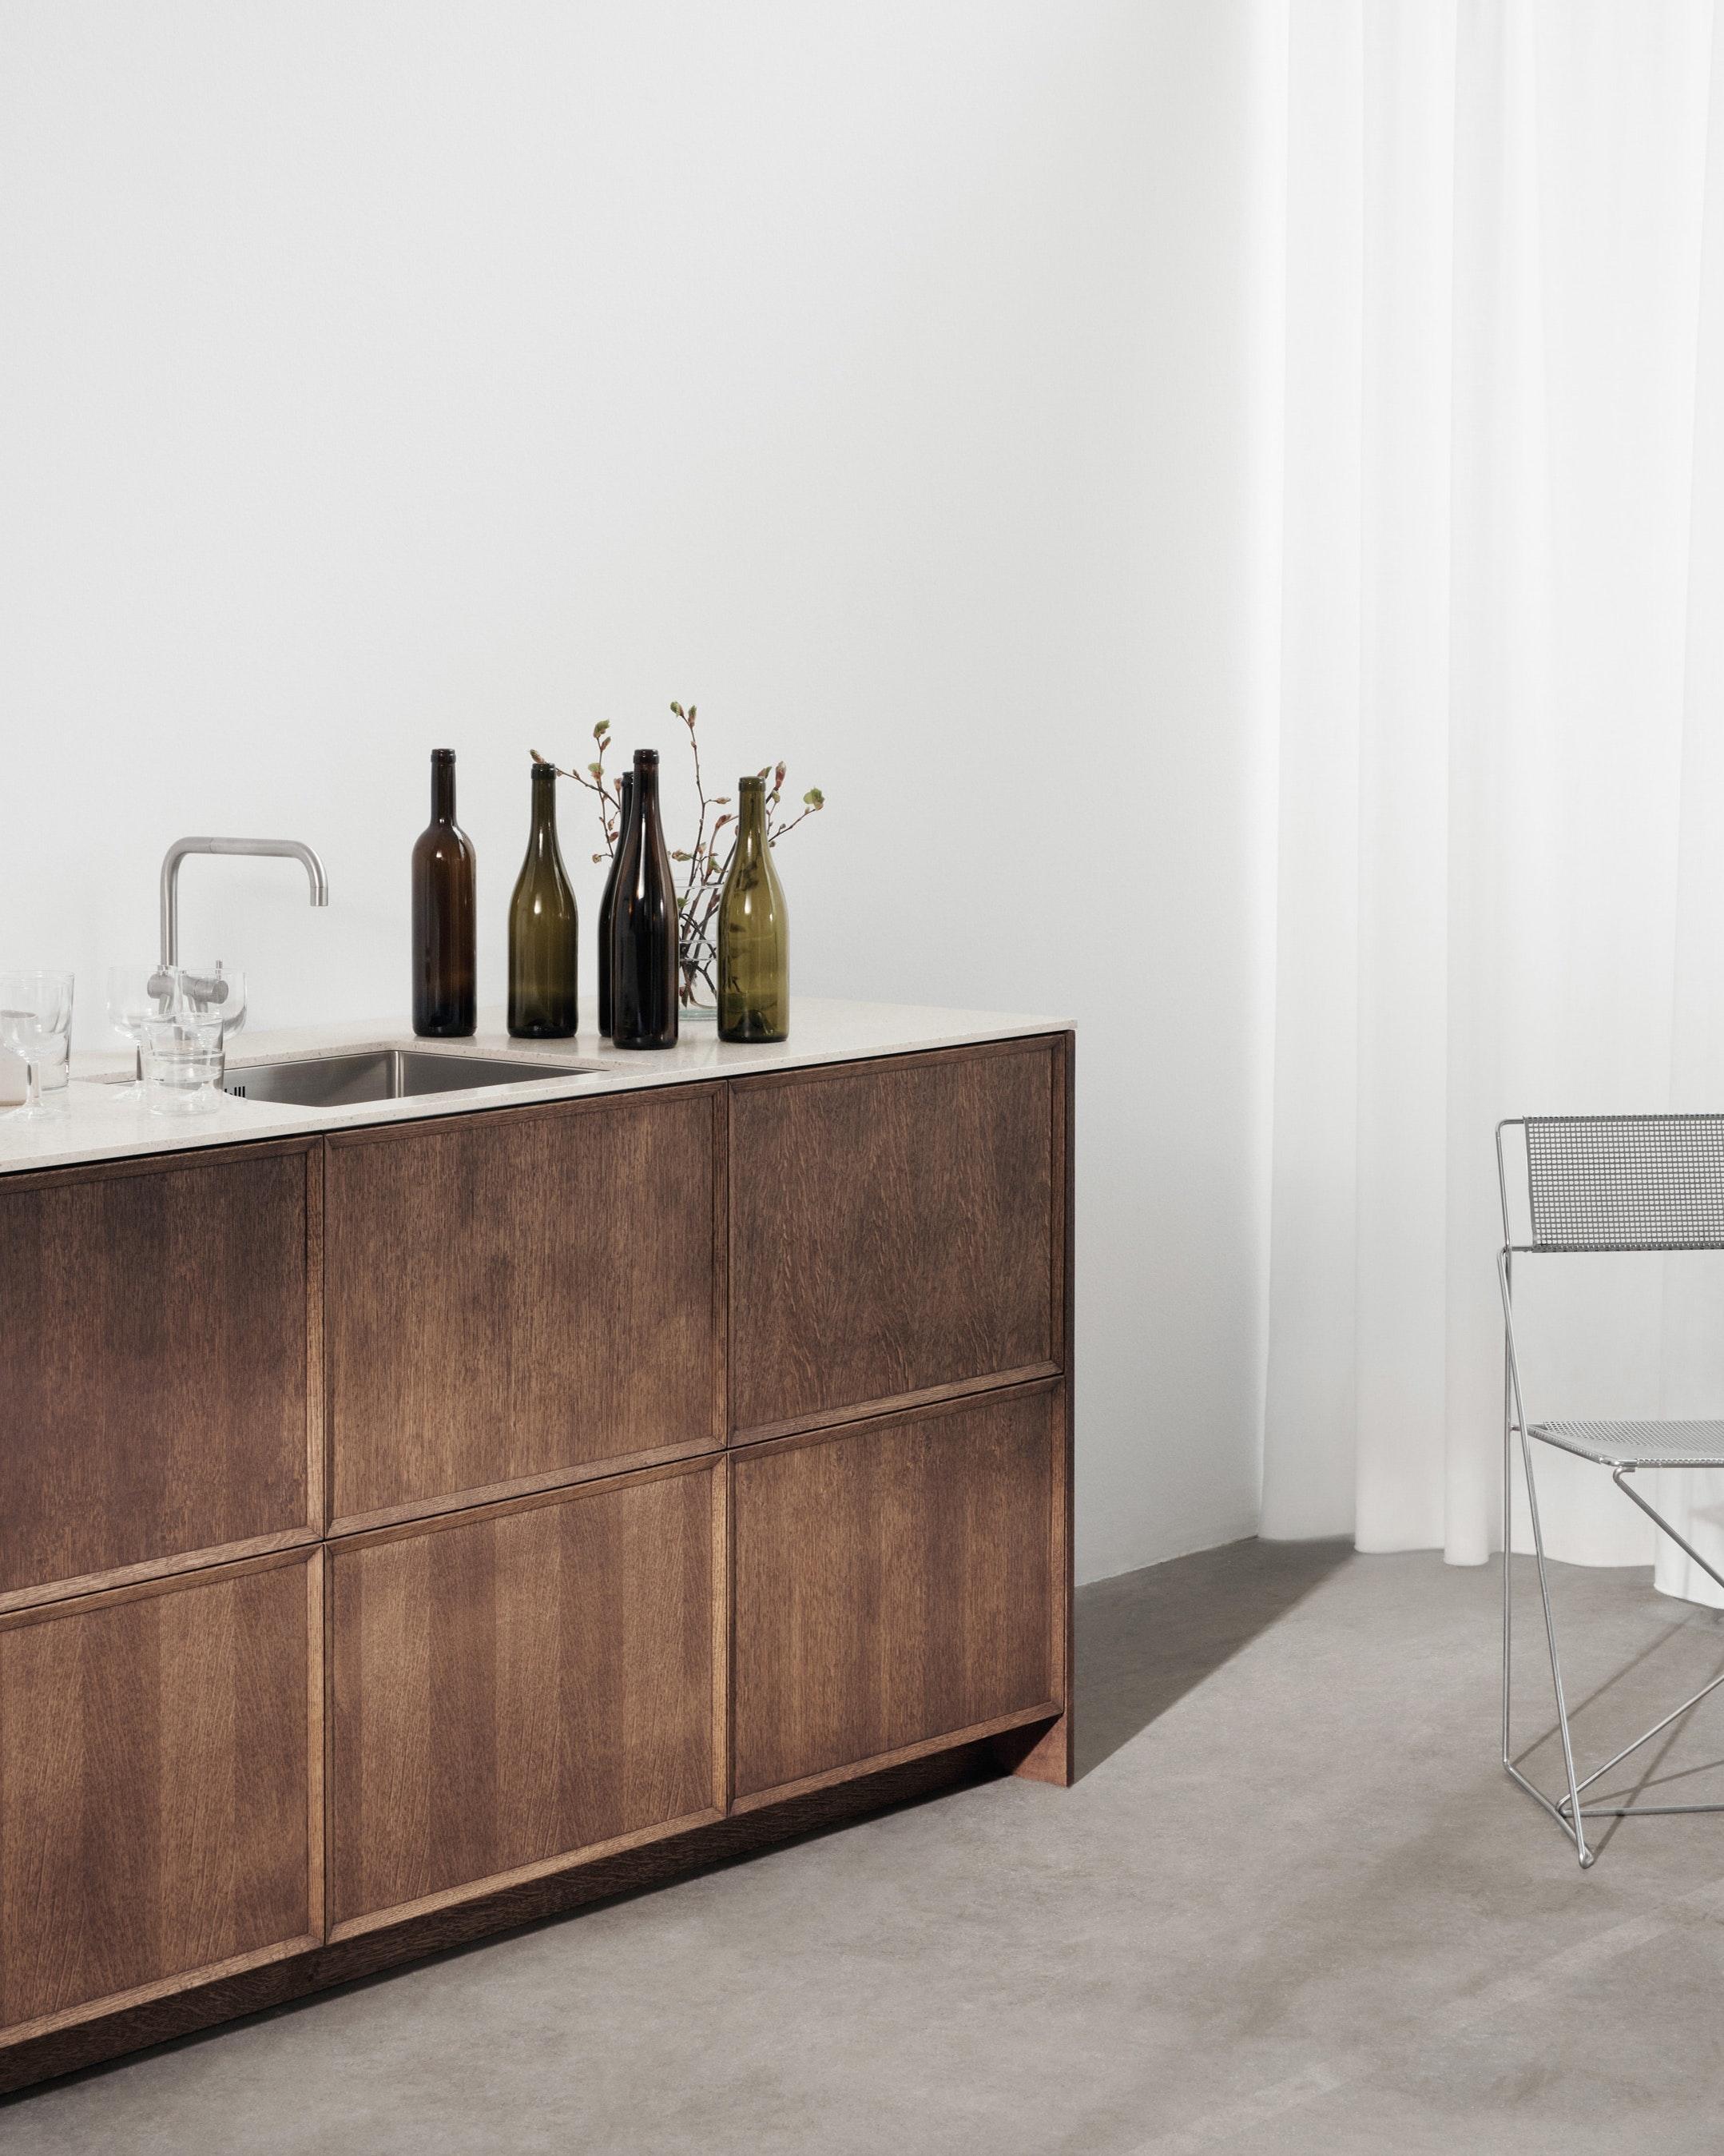 16 Ikea Kokkener Der Ligner En Million Mad Bolig